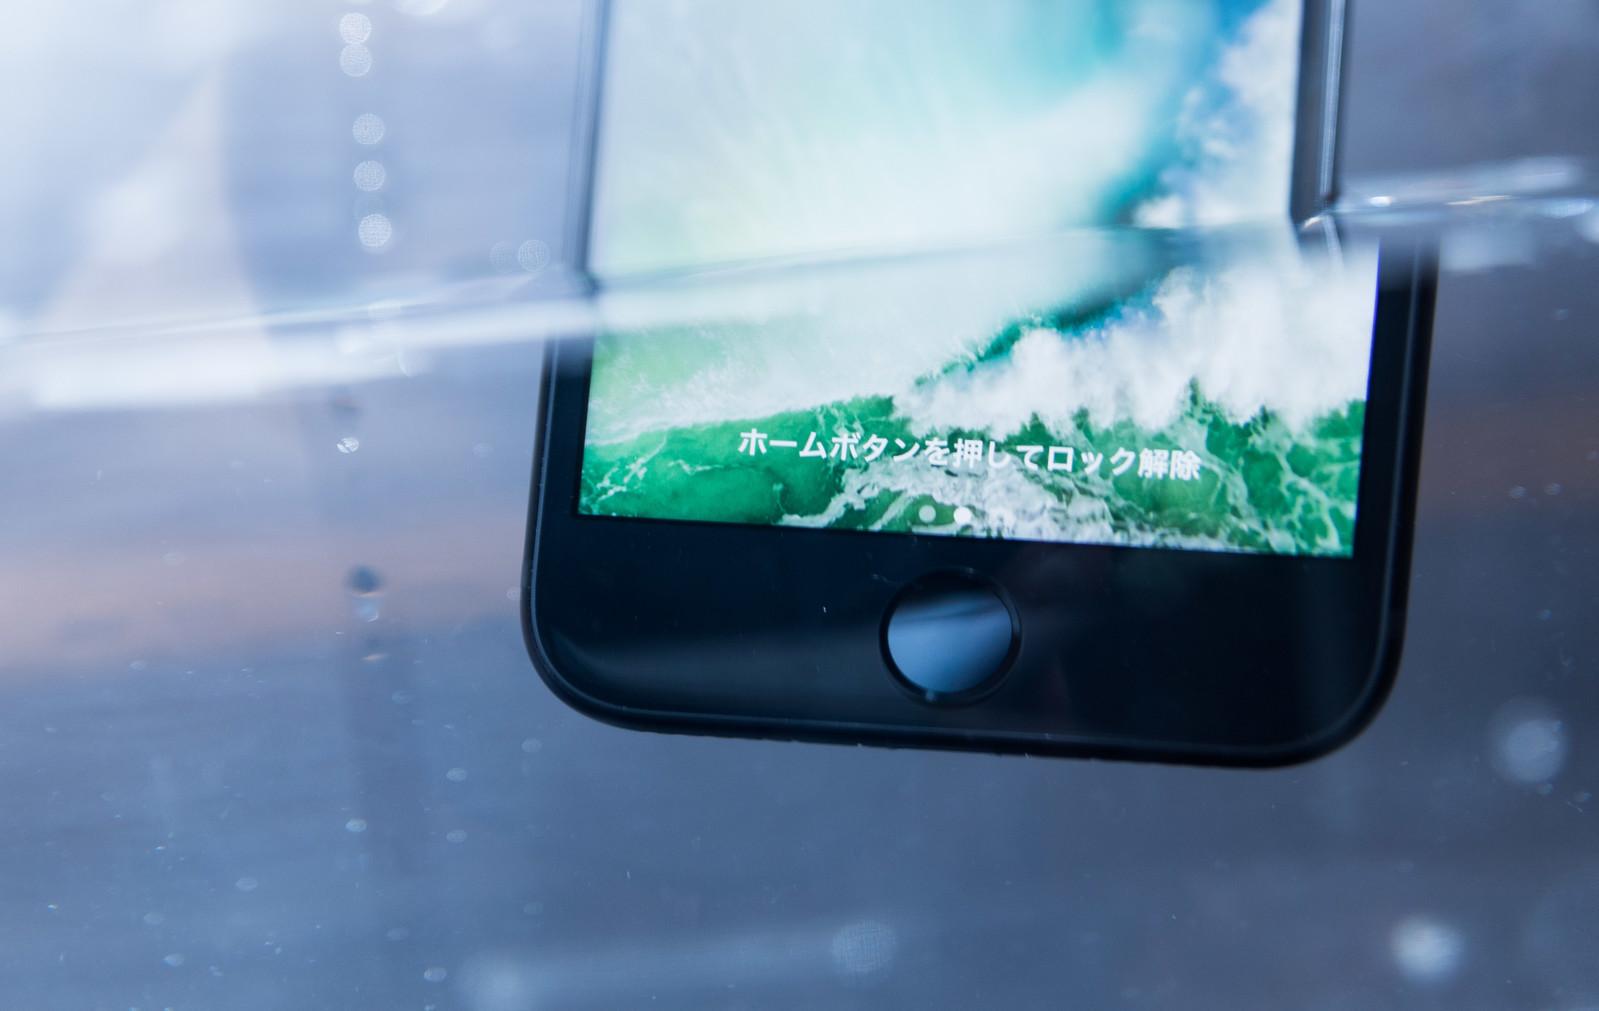 アイフォンが水没してしまった!場合も時間をおいて電源が入らなくなってしまうこともある